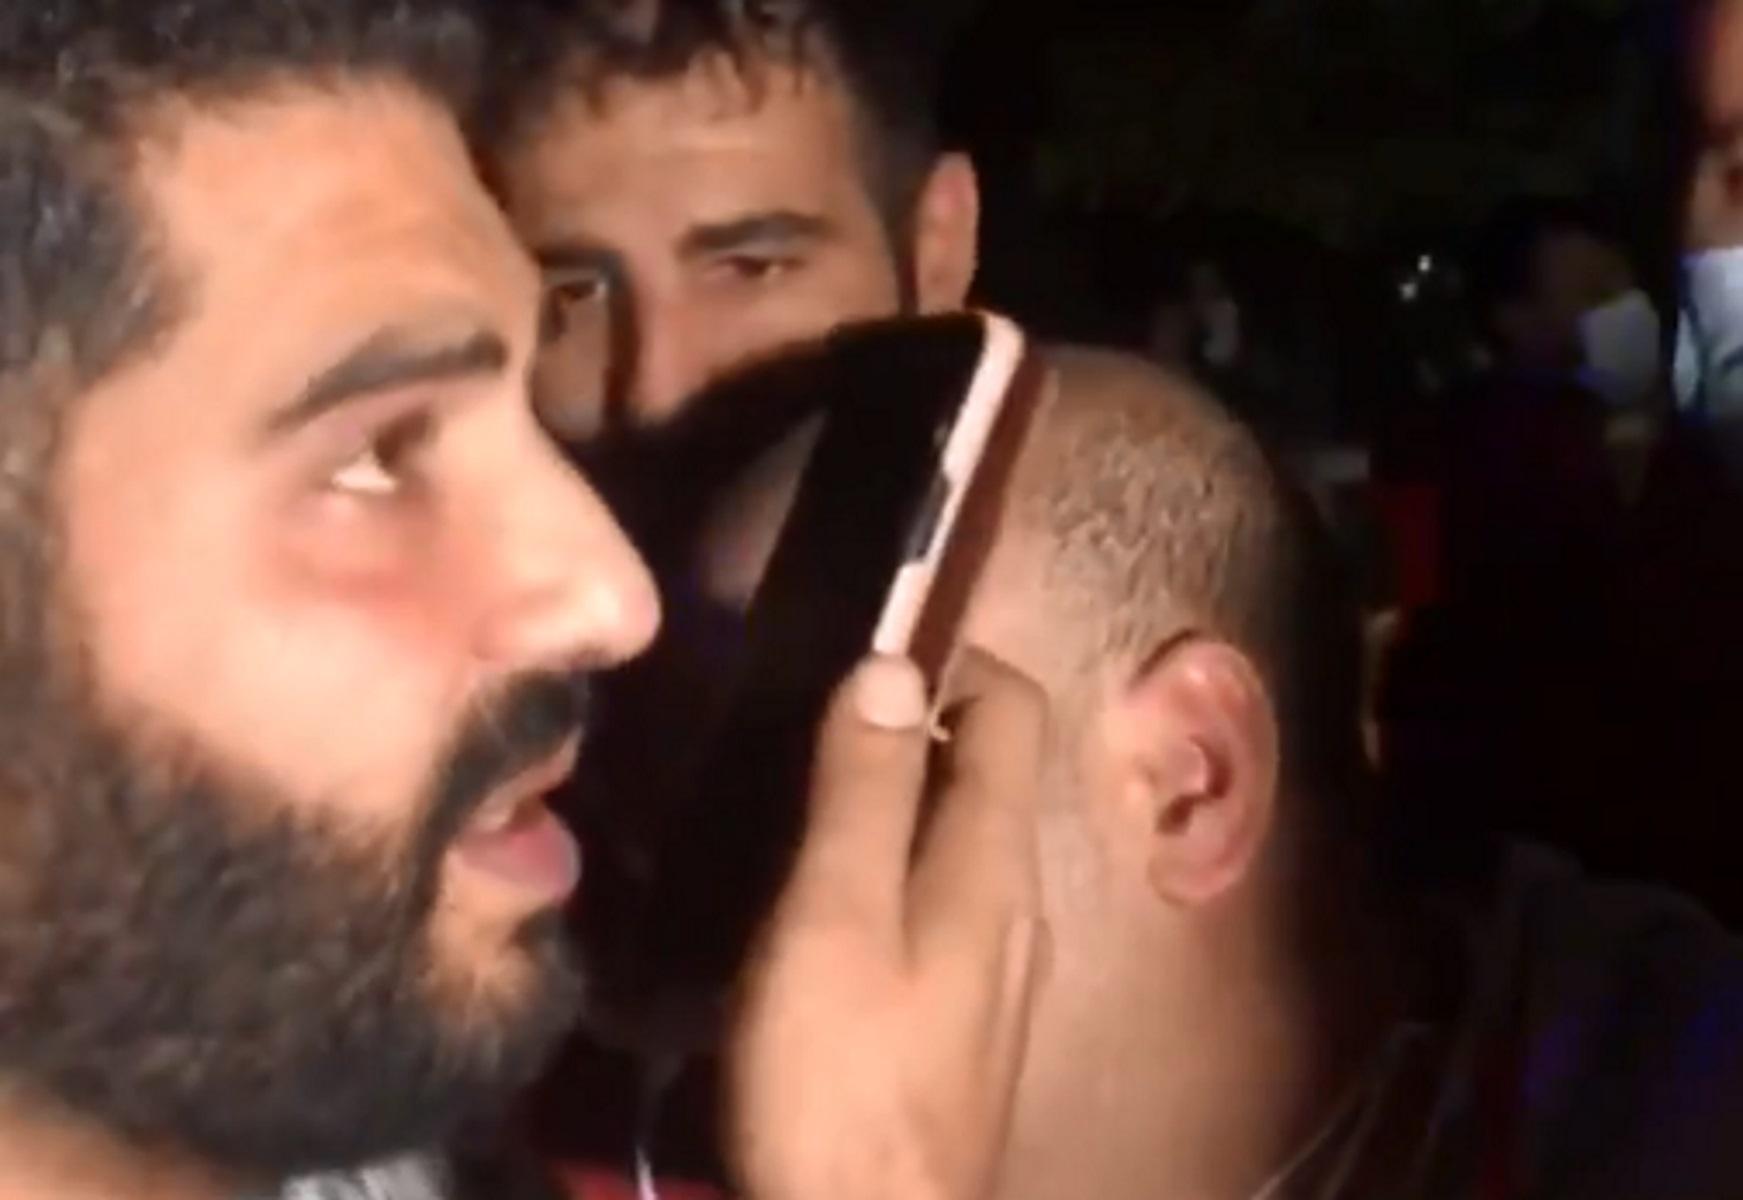 Σεισμός: Συγκλονιστική στιγμή στη Σμύρνη – Μιλά στον αρραβωνιαστικό της μέσα από τα χαλάσματα (video)